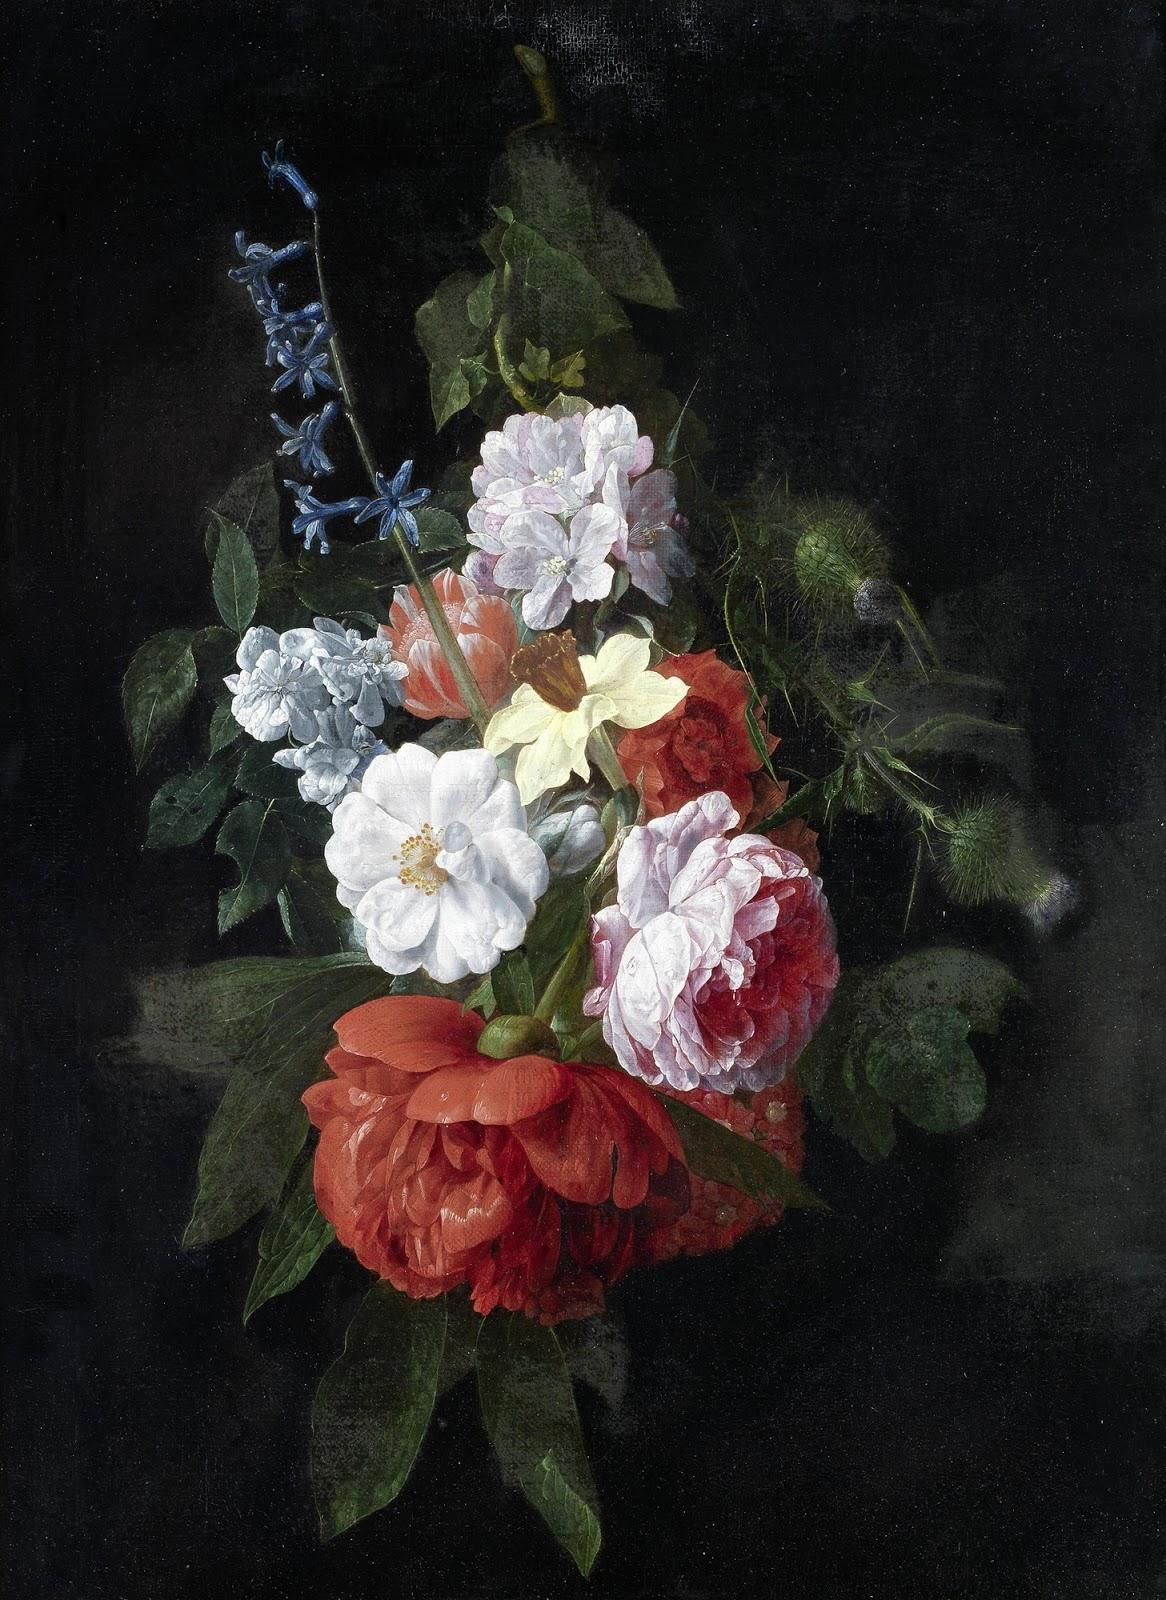 Людмила николаева живые цветы запоз заказ цветов дом минск